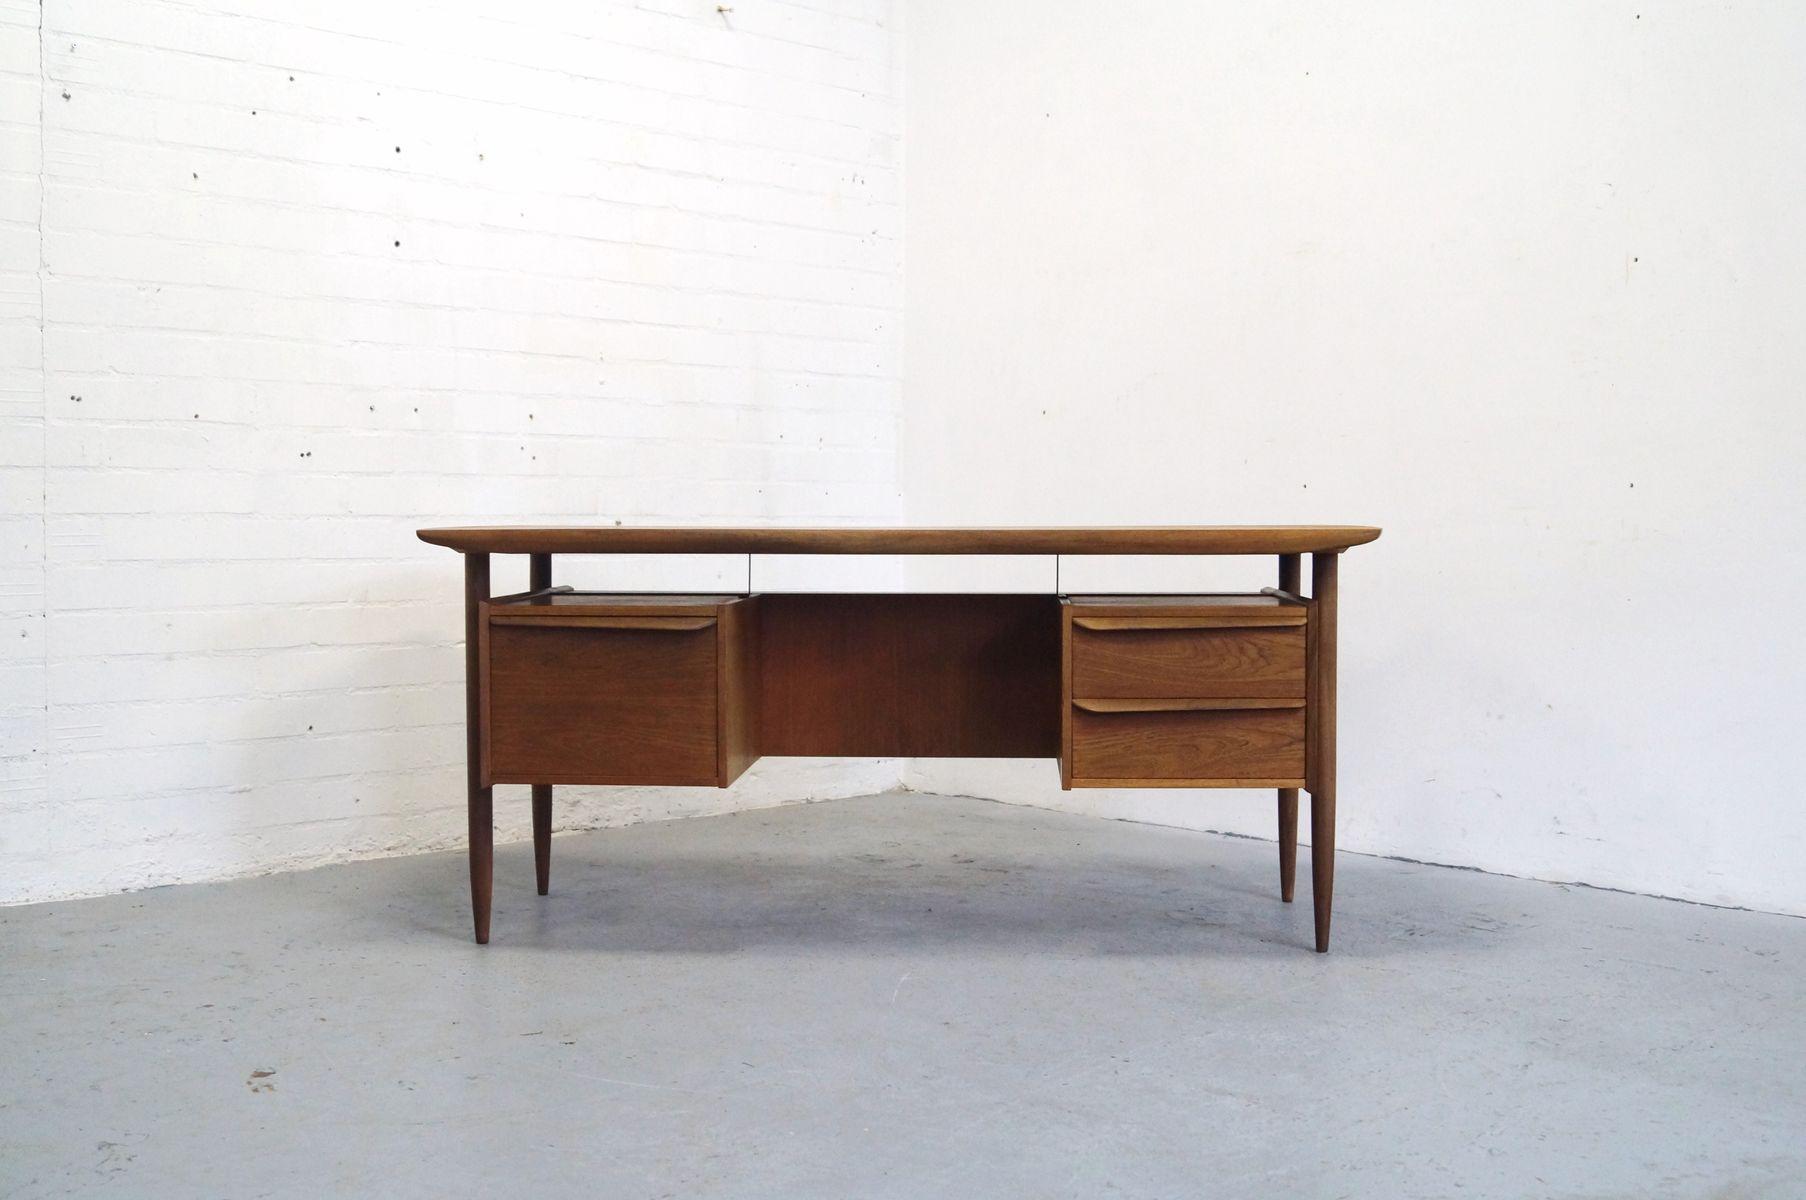 Vintage teak bureau by tijsseling 1950s for sale at pamono for Bureau retro